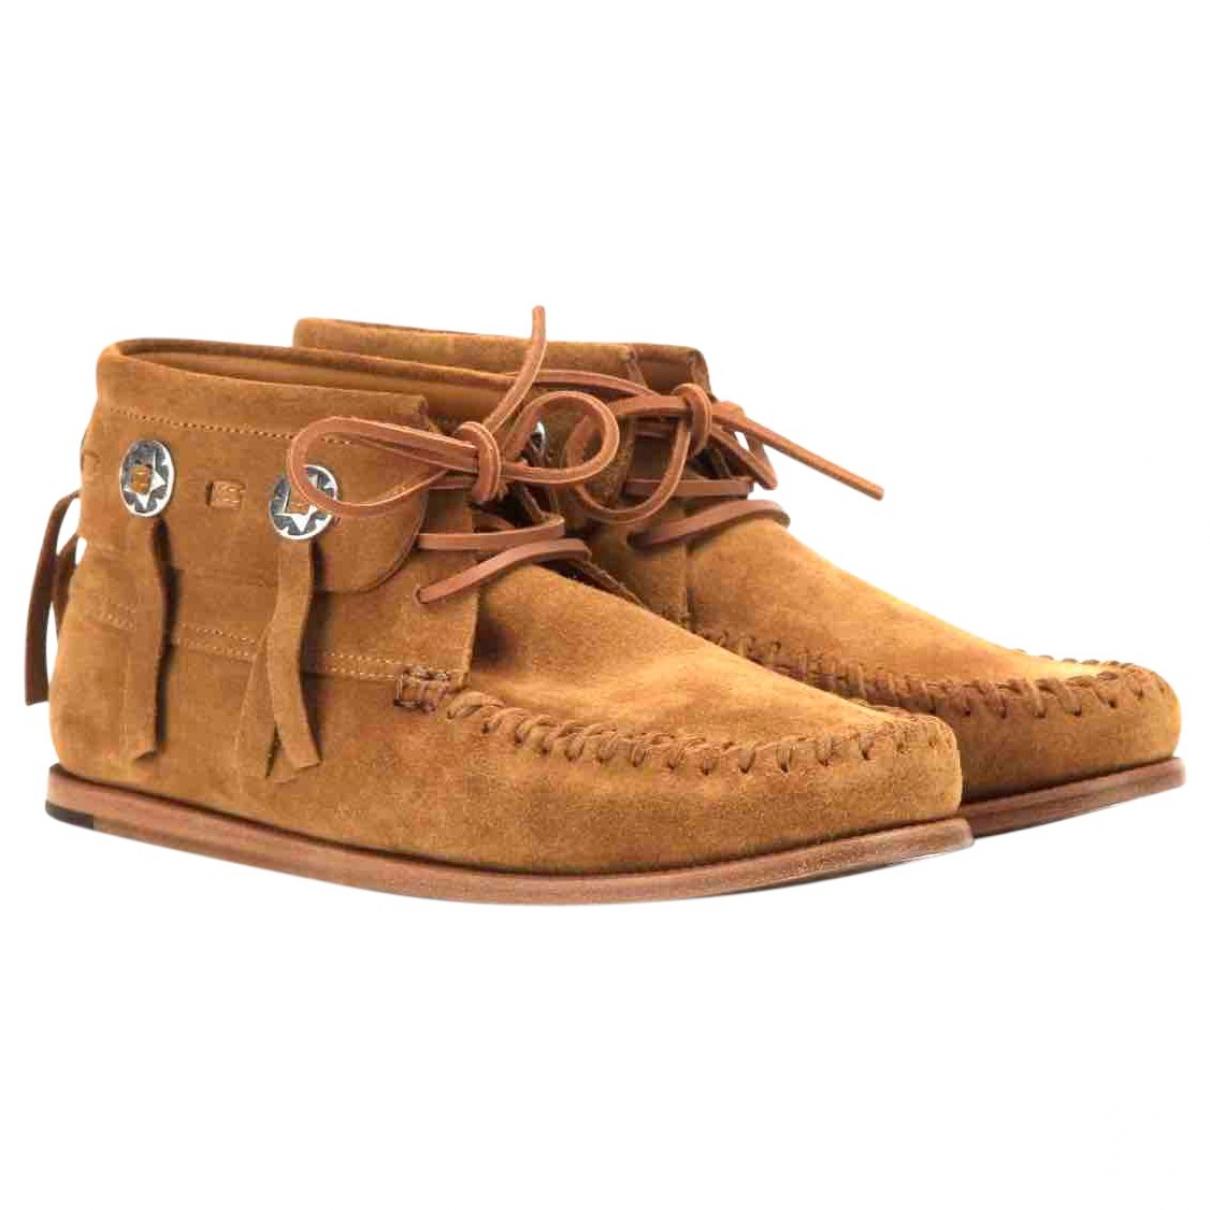 Saint Laurent Dakota Camel Suede Ankle boots for Women 38 EU